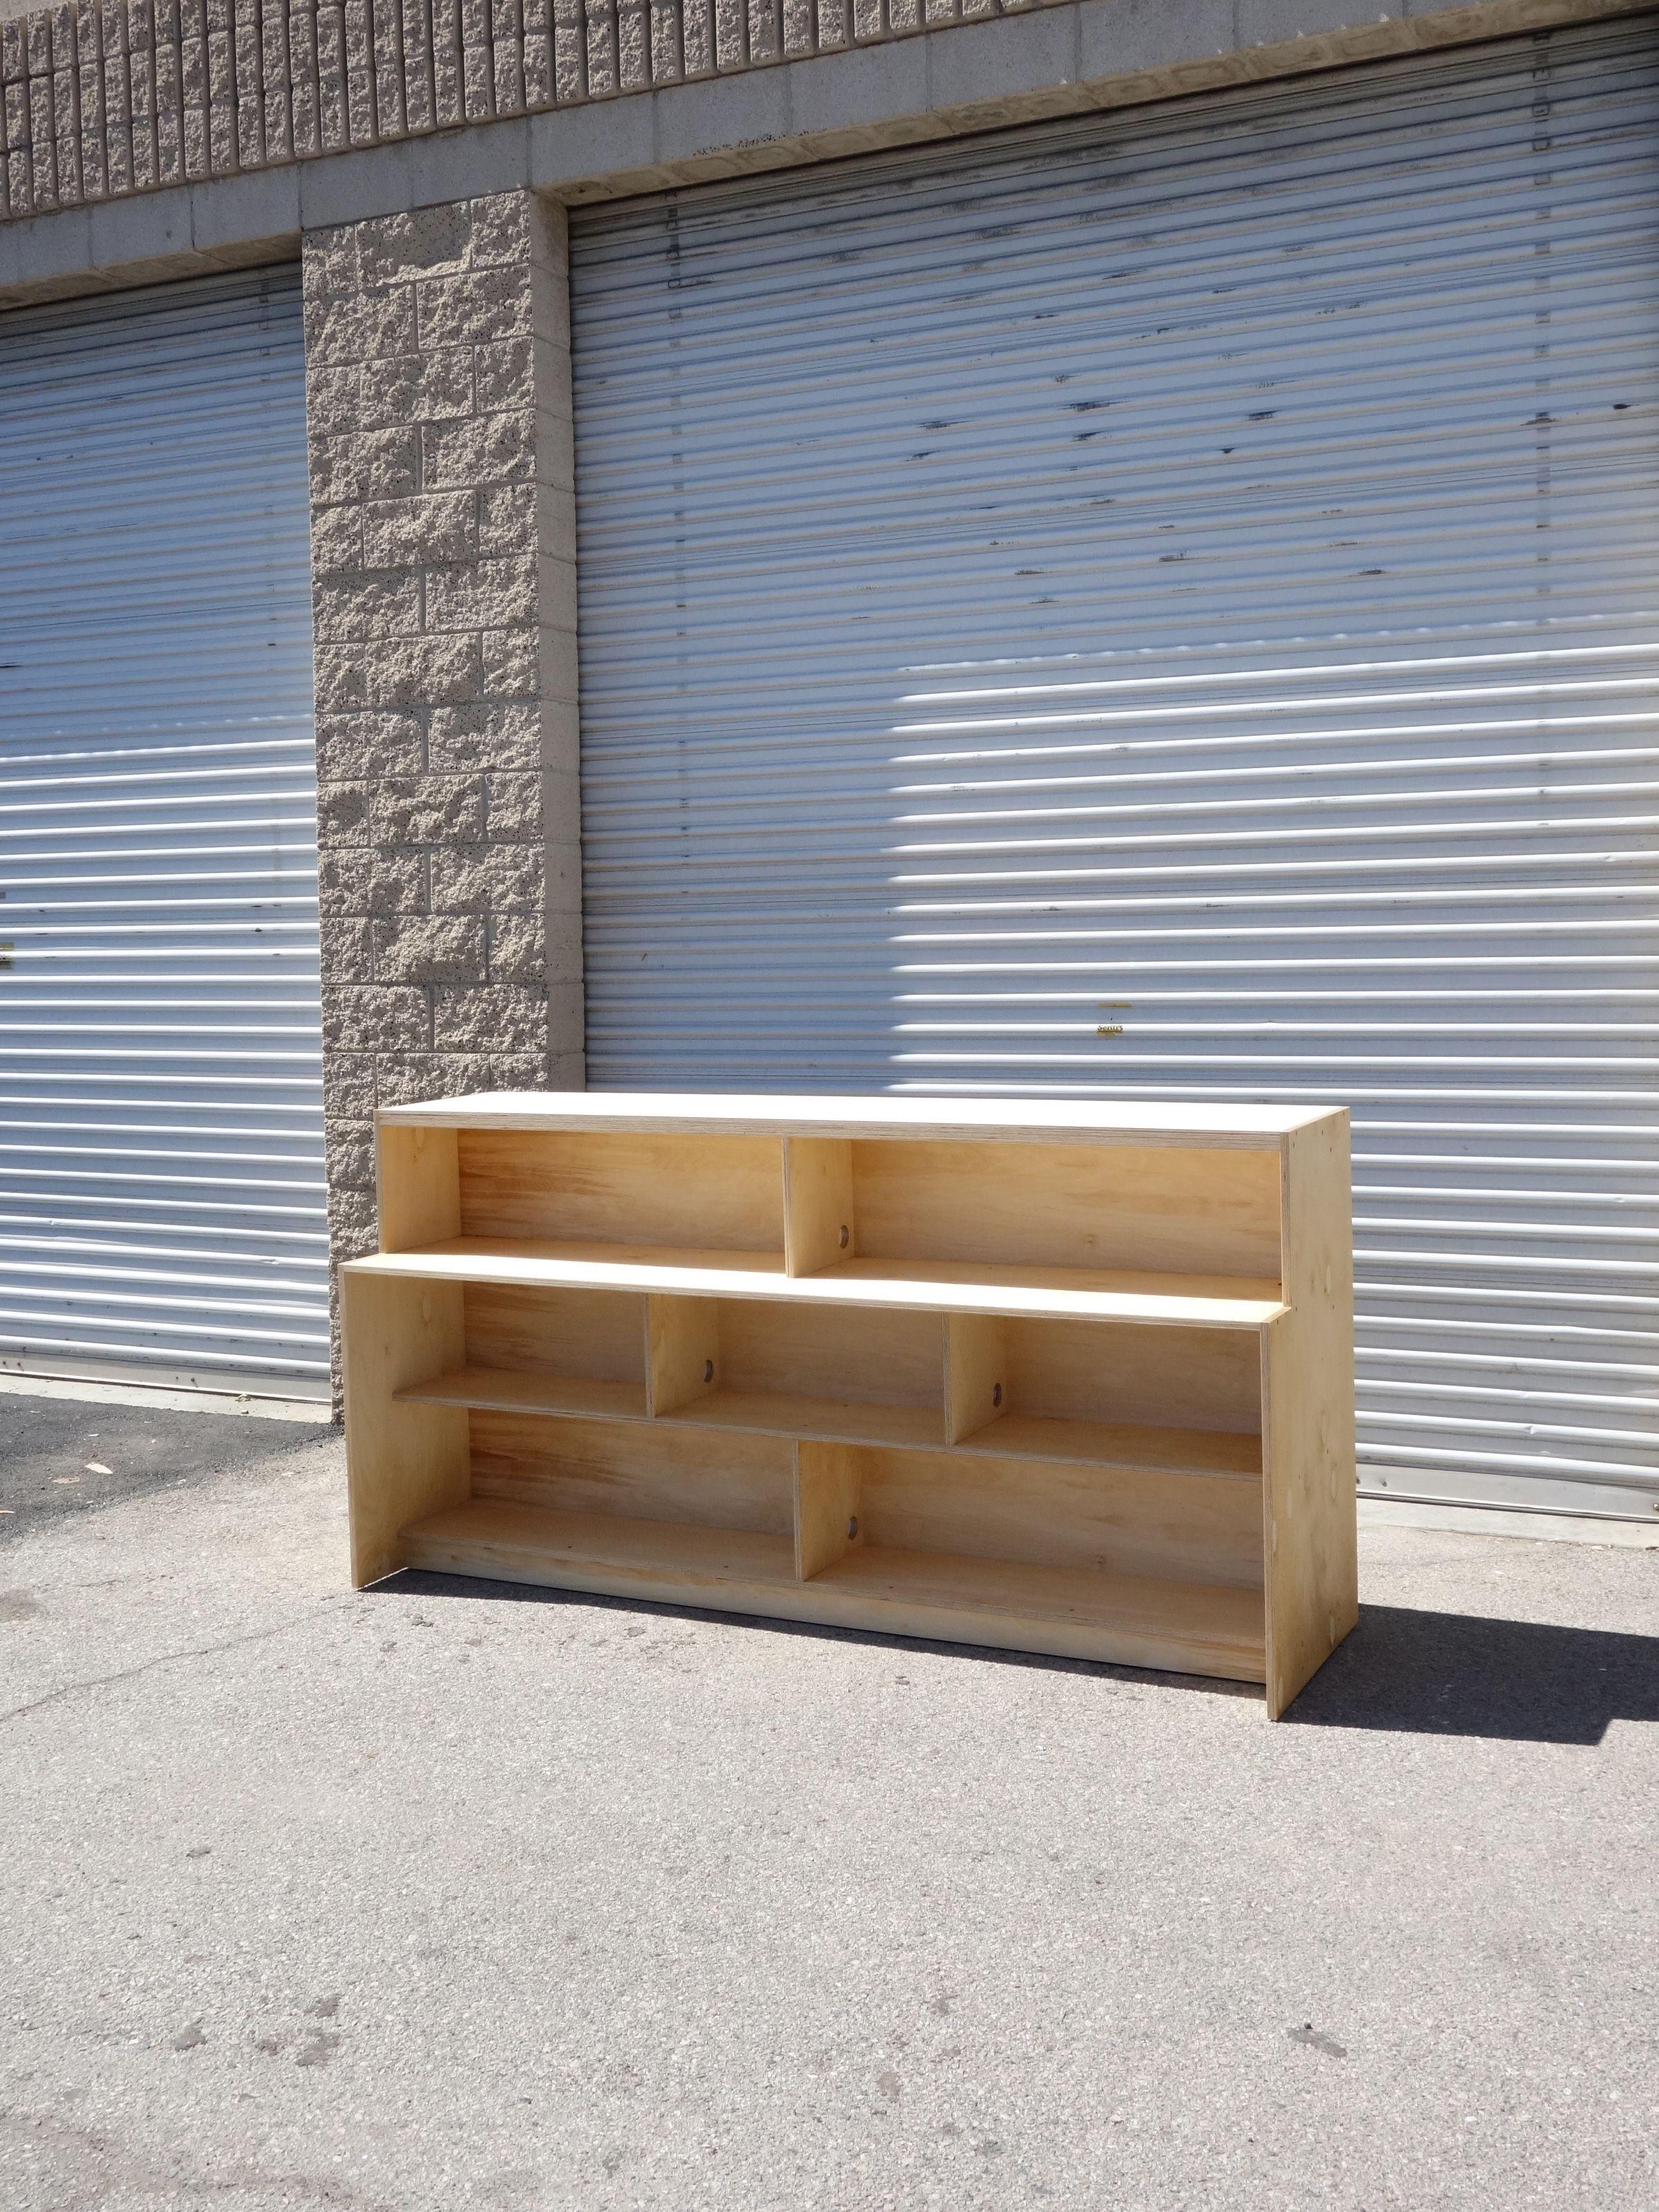 Rebag Madison, NY product image 12